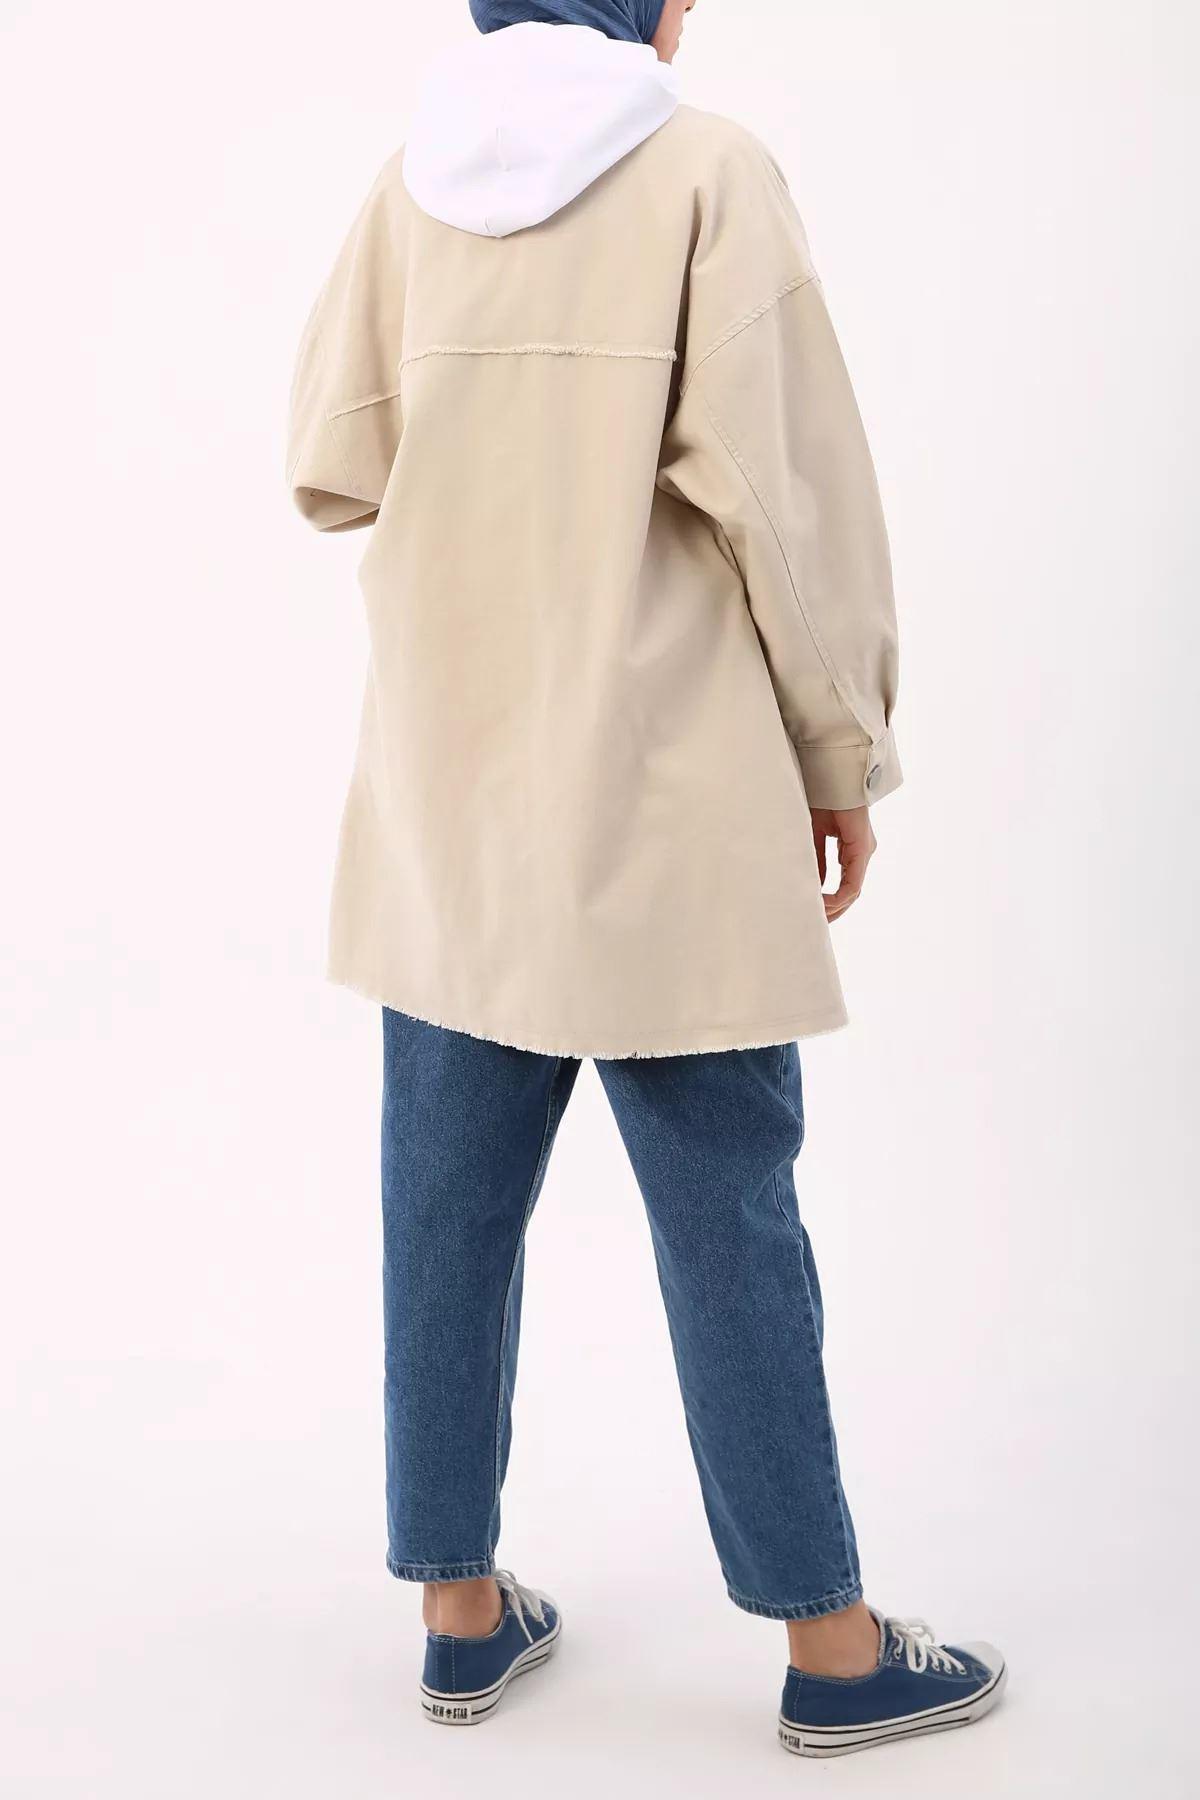 Kadın Ceket - Kum Beji